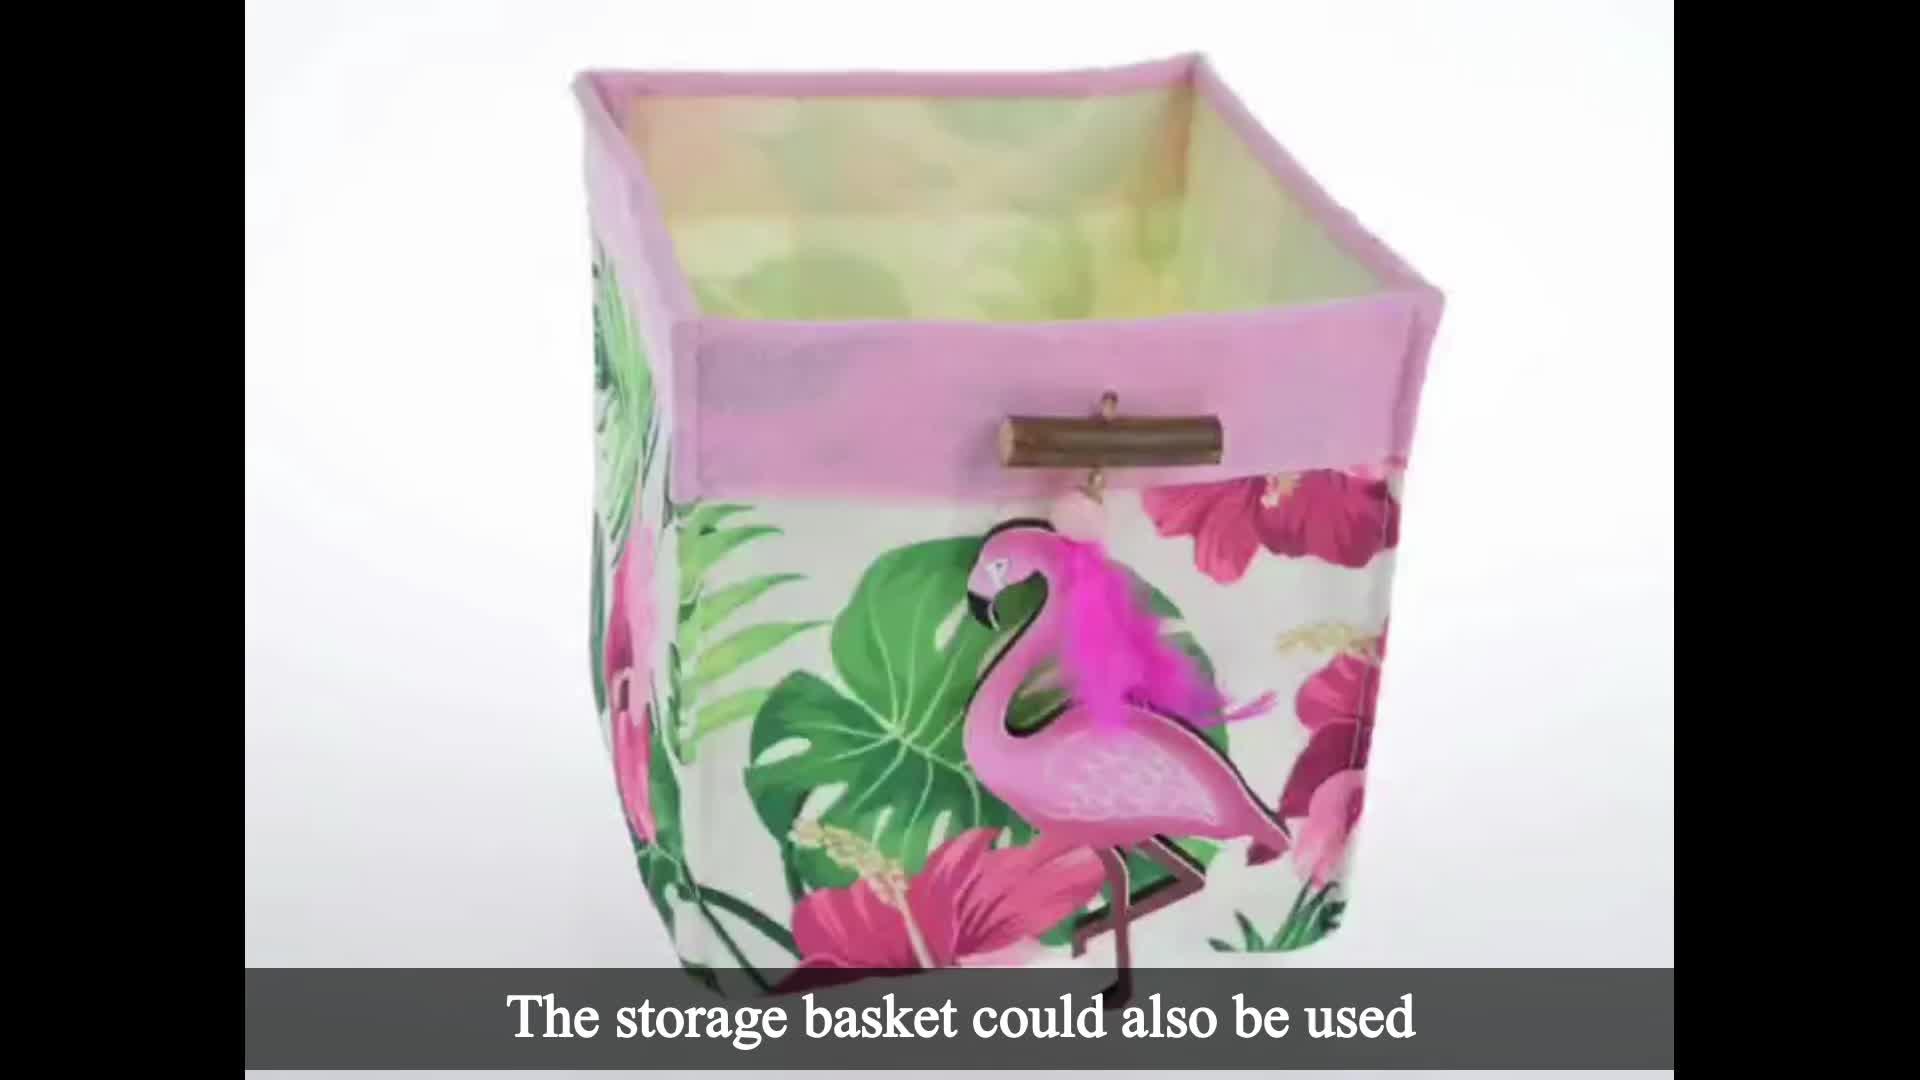 Prodotti unici mercato tessuto della decorazione della casa tropical Pink Flamingo regalo Dell'organizzatore di Immagazzinaggio Cestino